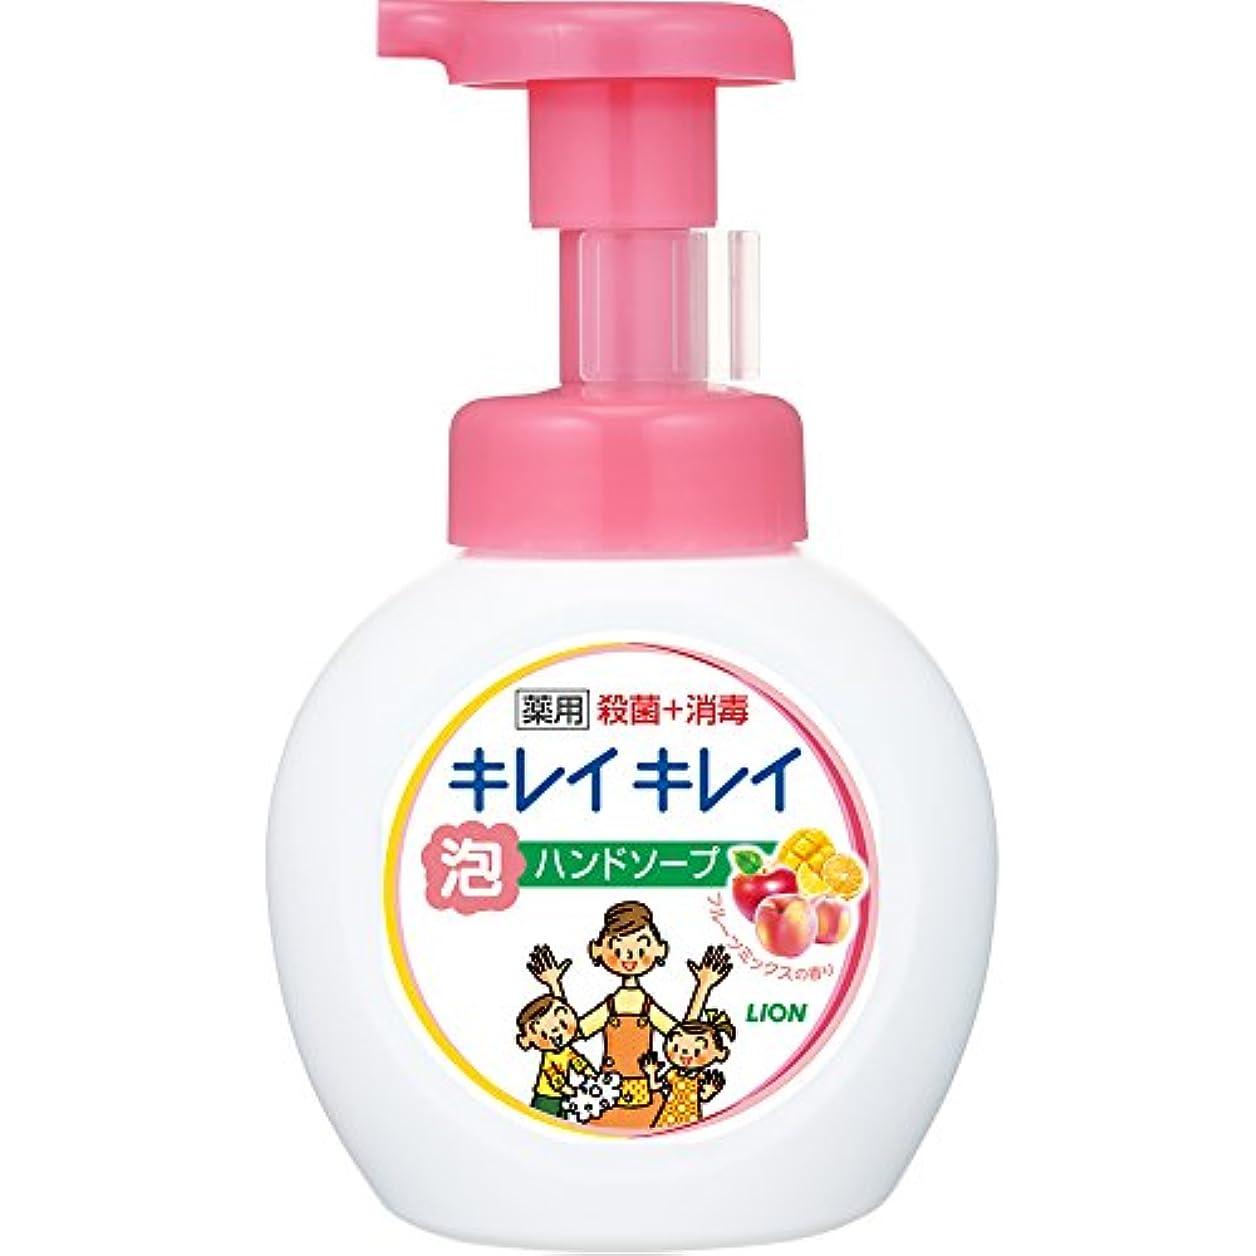 クラッチ雄弁はねかけるキレイキレイ 薬用 泡ハンドソープ フルーツミックスの香り ポンプ 250ml(医薬部外品)